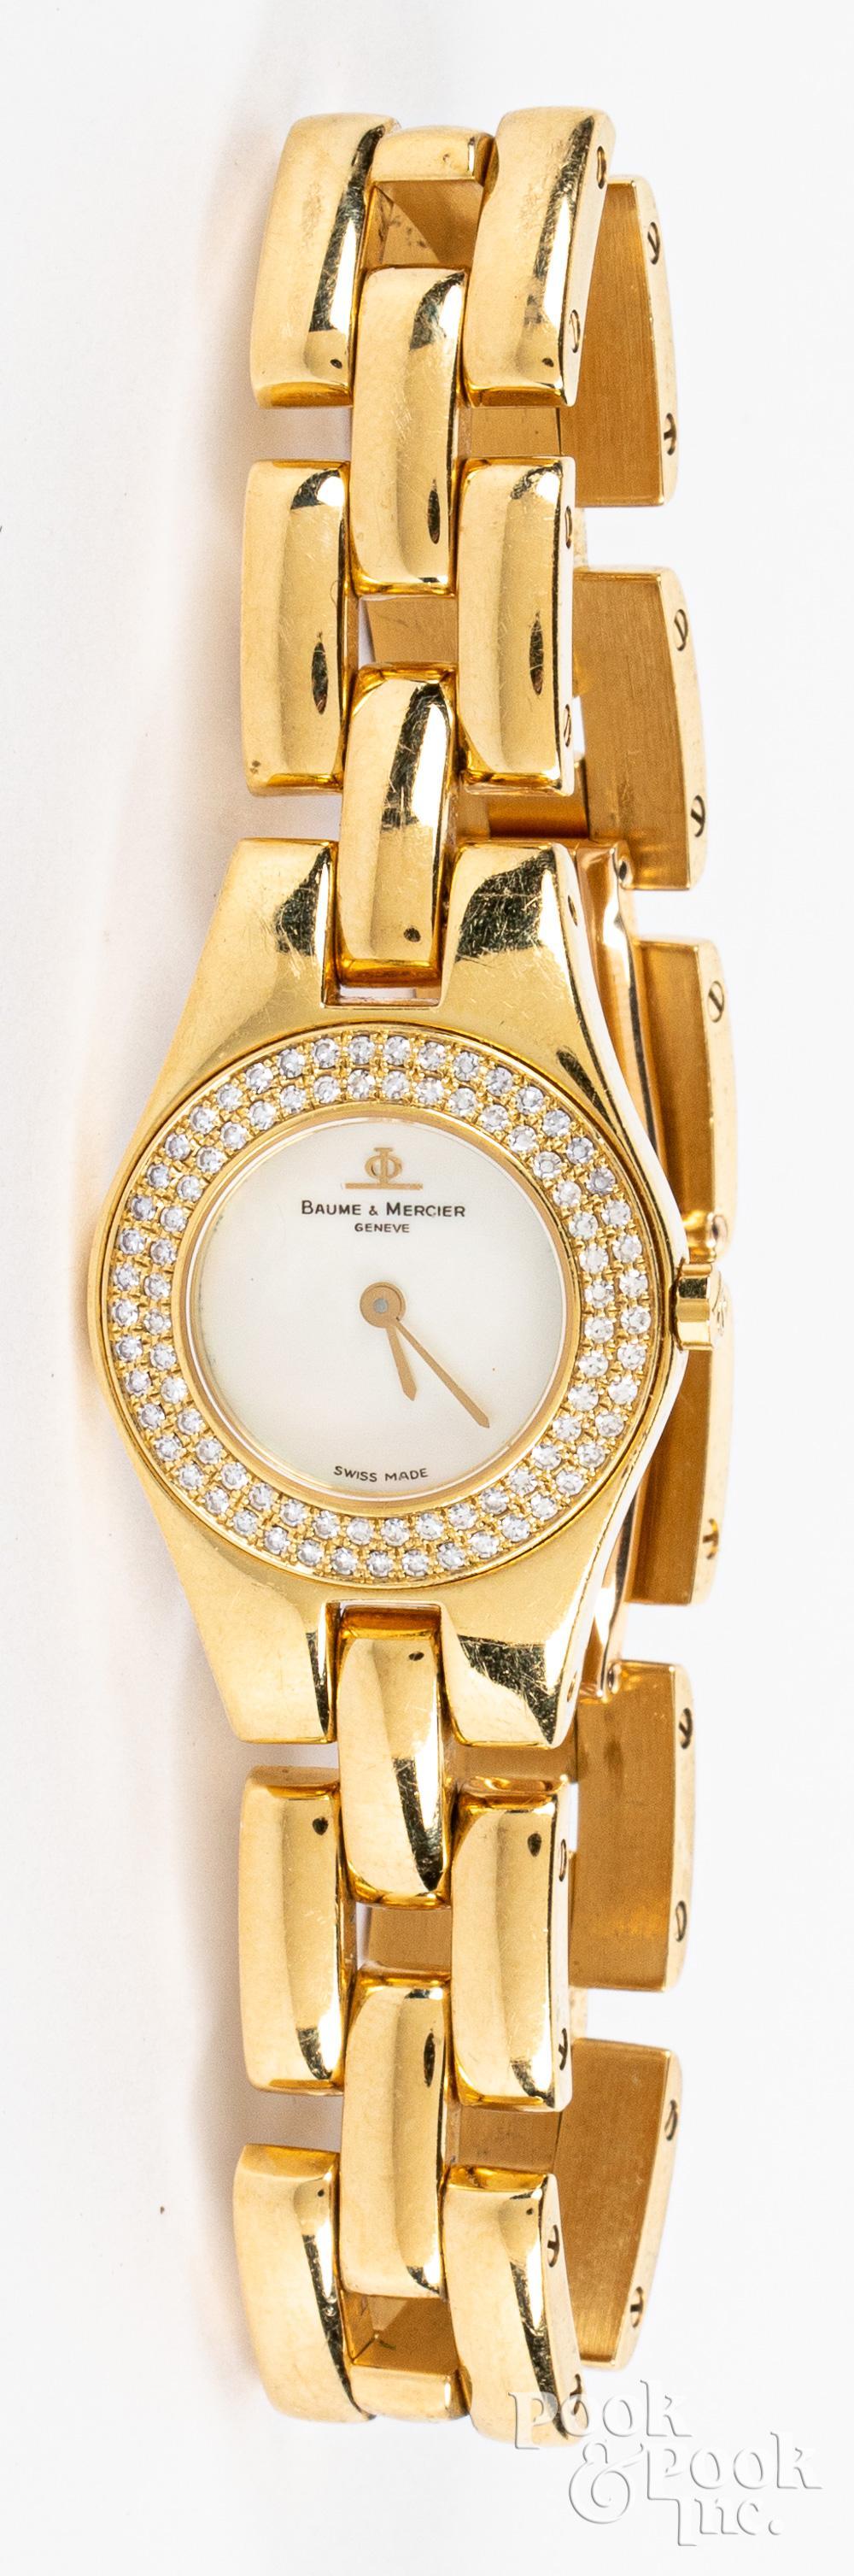 Baume & Mercier 18K gold ladies wristwatch